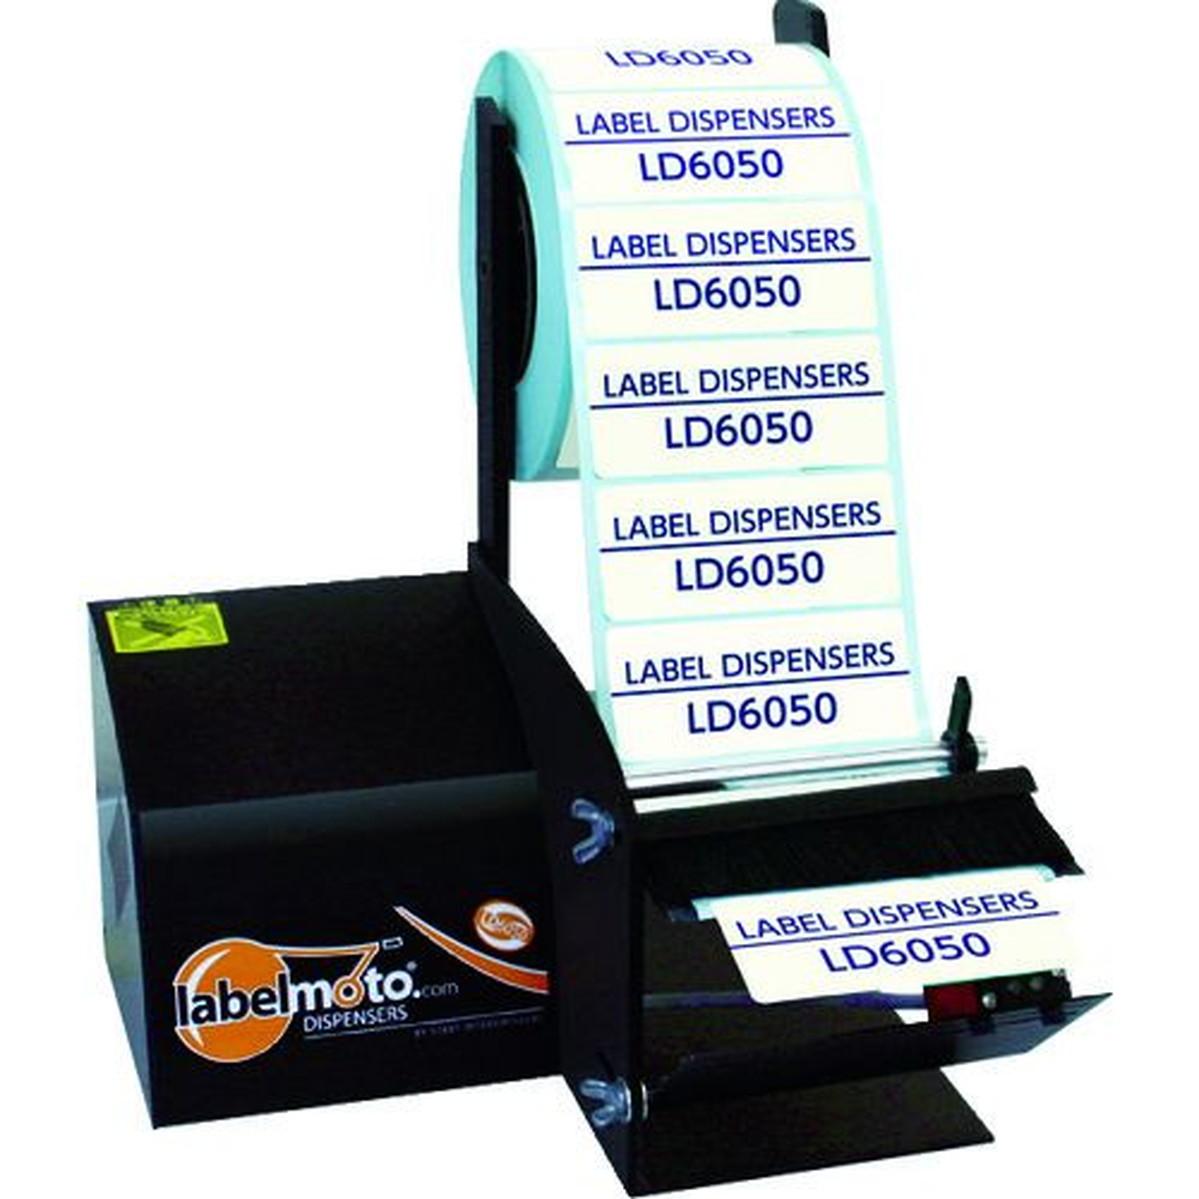 あす楽対応 DIY用品 ECT 電動ラベル剥離機 1台 即納送料無料! 直送商品